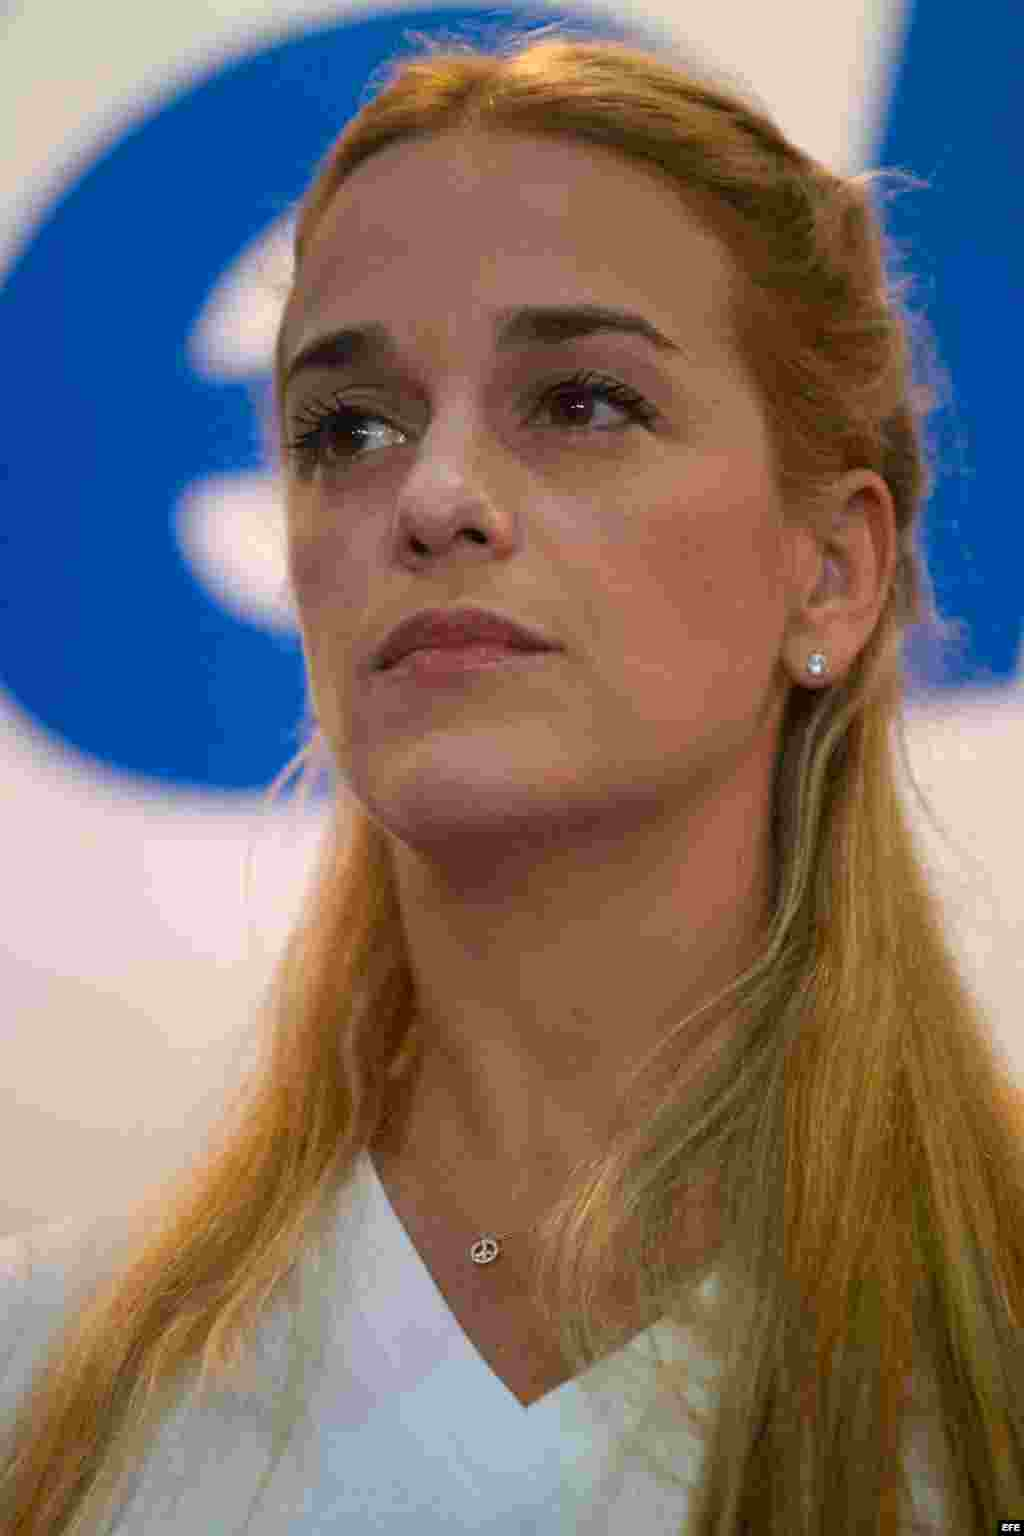 Lilian Tintori, esposa del líder opositor venezolano encarcelado Leopoldo Lopez, participa en un acto con candidatos a diputados de la coalición opositora Mesa de Unidad Democrática.